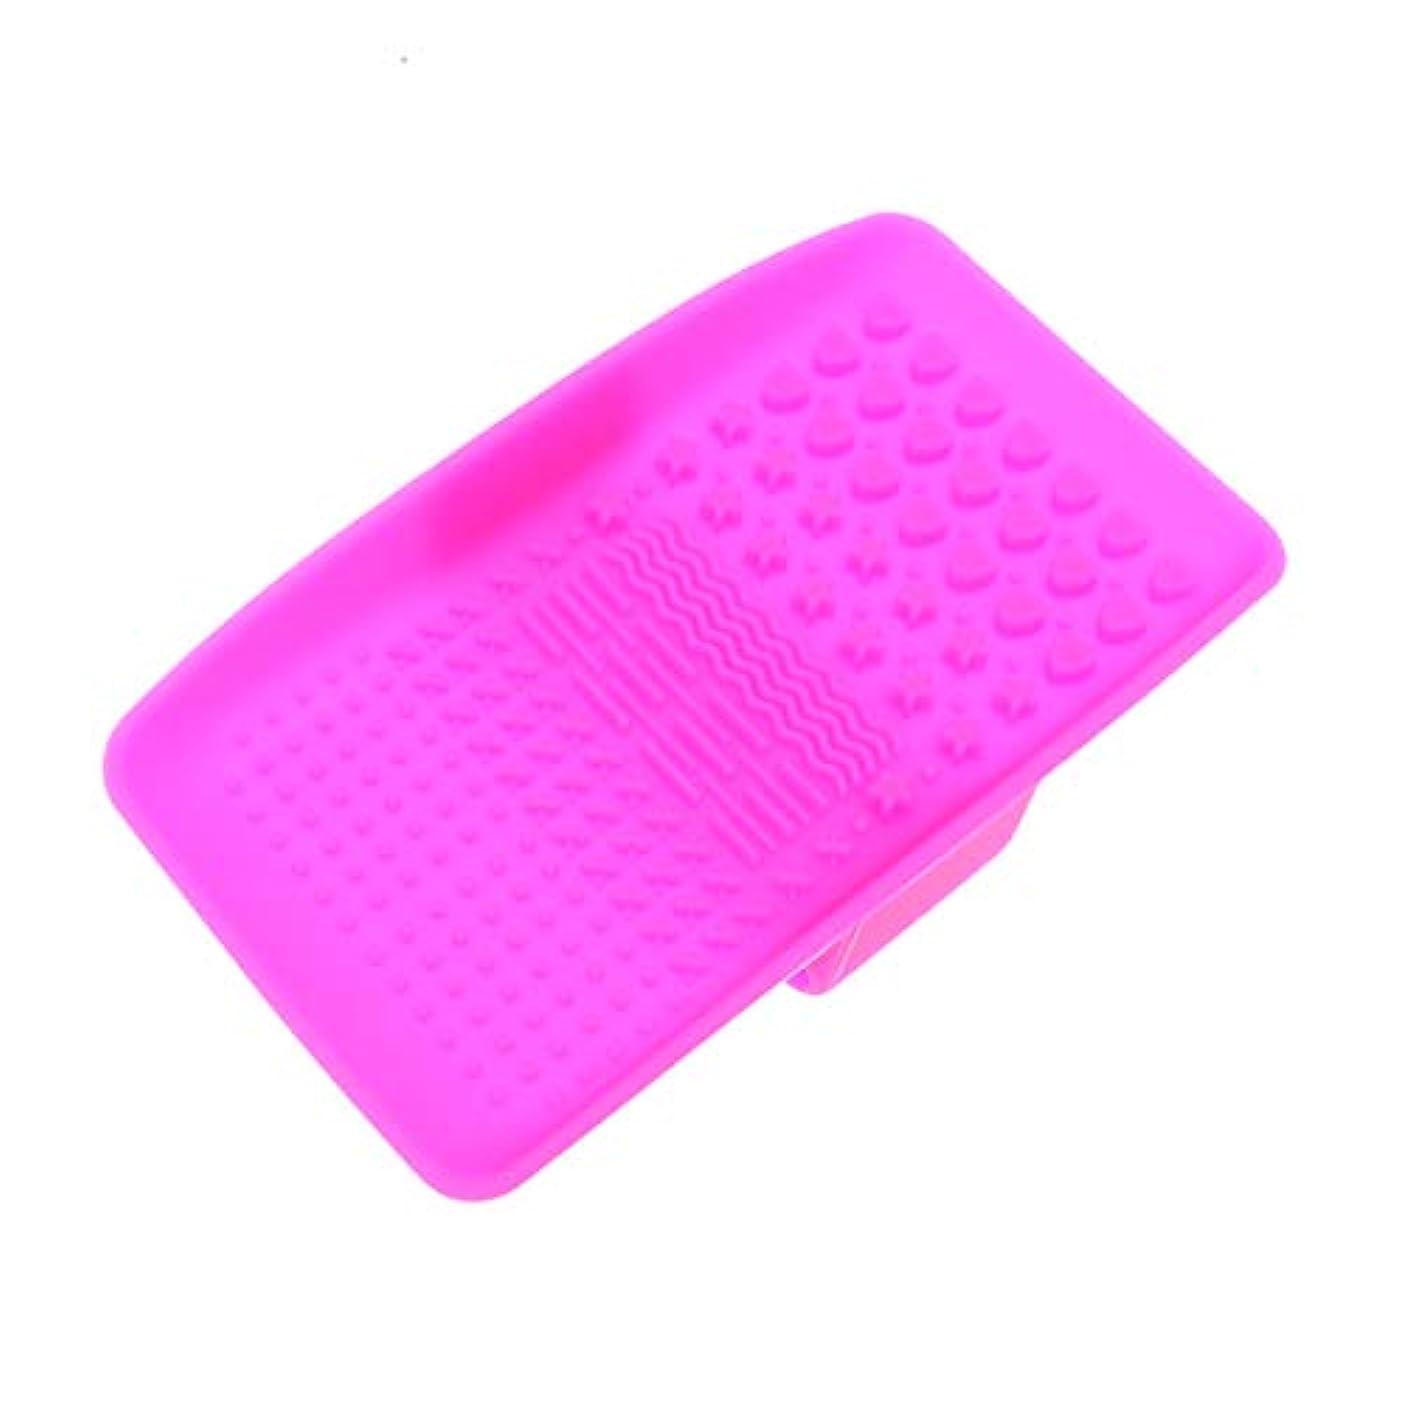 凍ったスペード急流Beaupretty 吸引ブラシが付いているシリコーンのブラシのクリーニングのマットの携帯用化粧品のブラシの洗剤